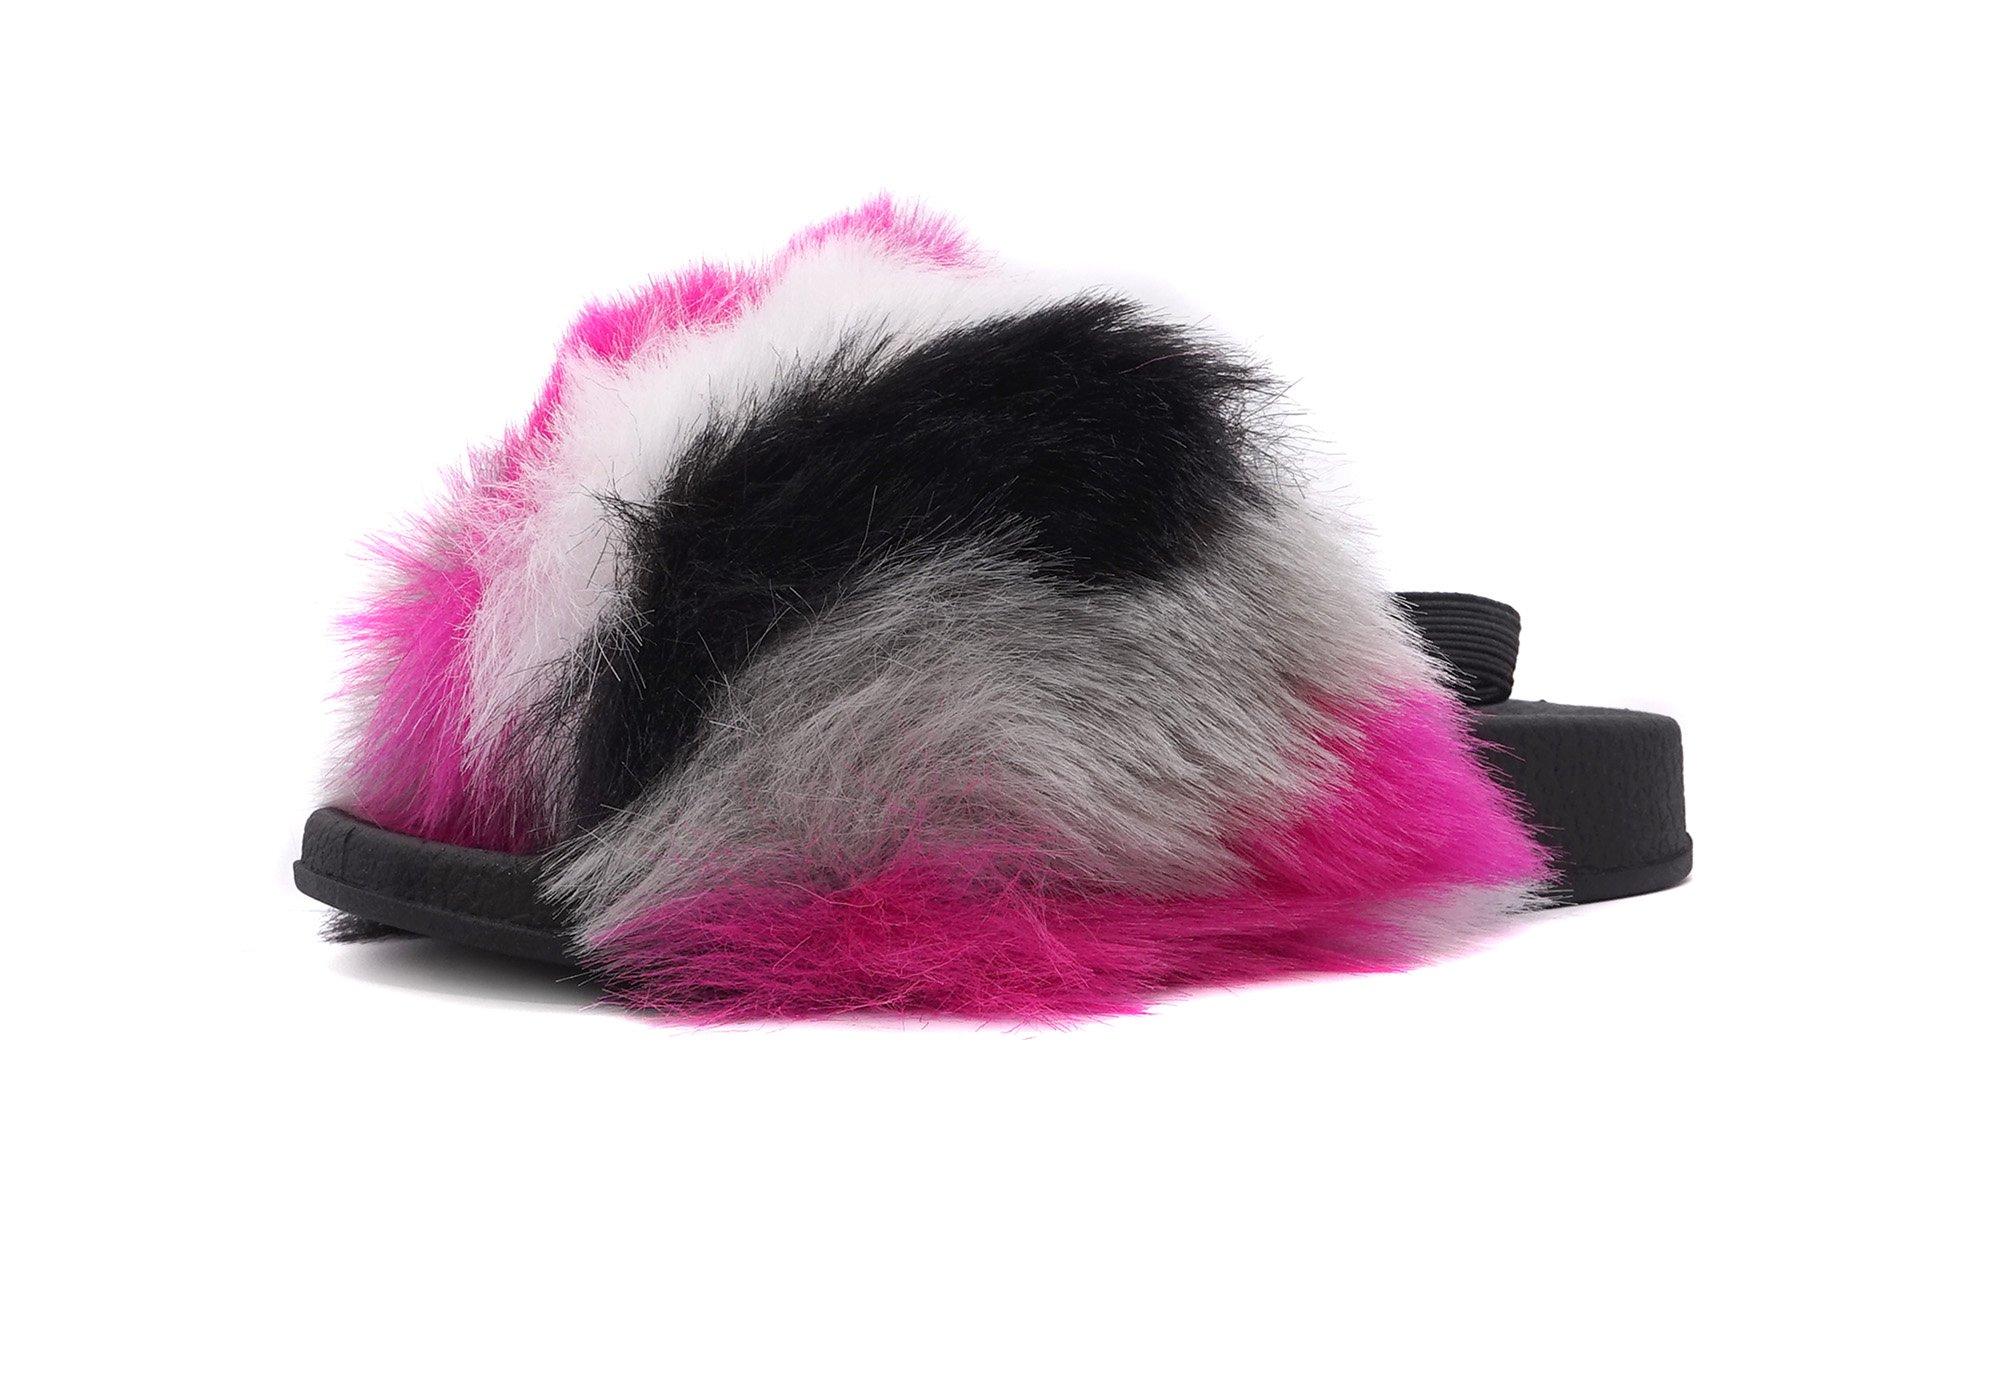 Simply Petals Kids' Fur Slip On Slide Sandal Slippers (8 M US Toddler, Pink)